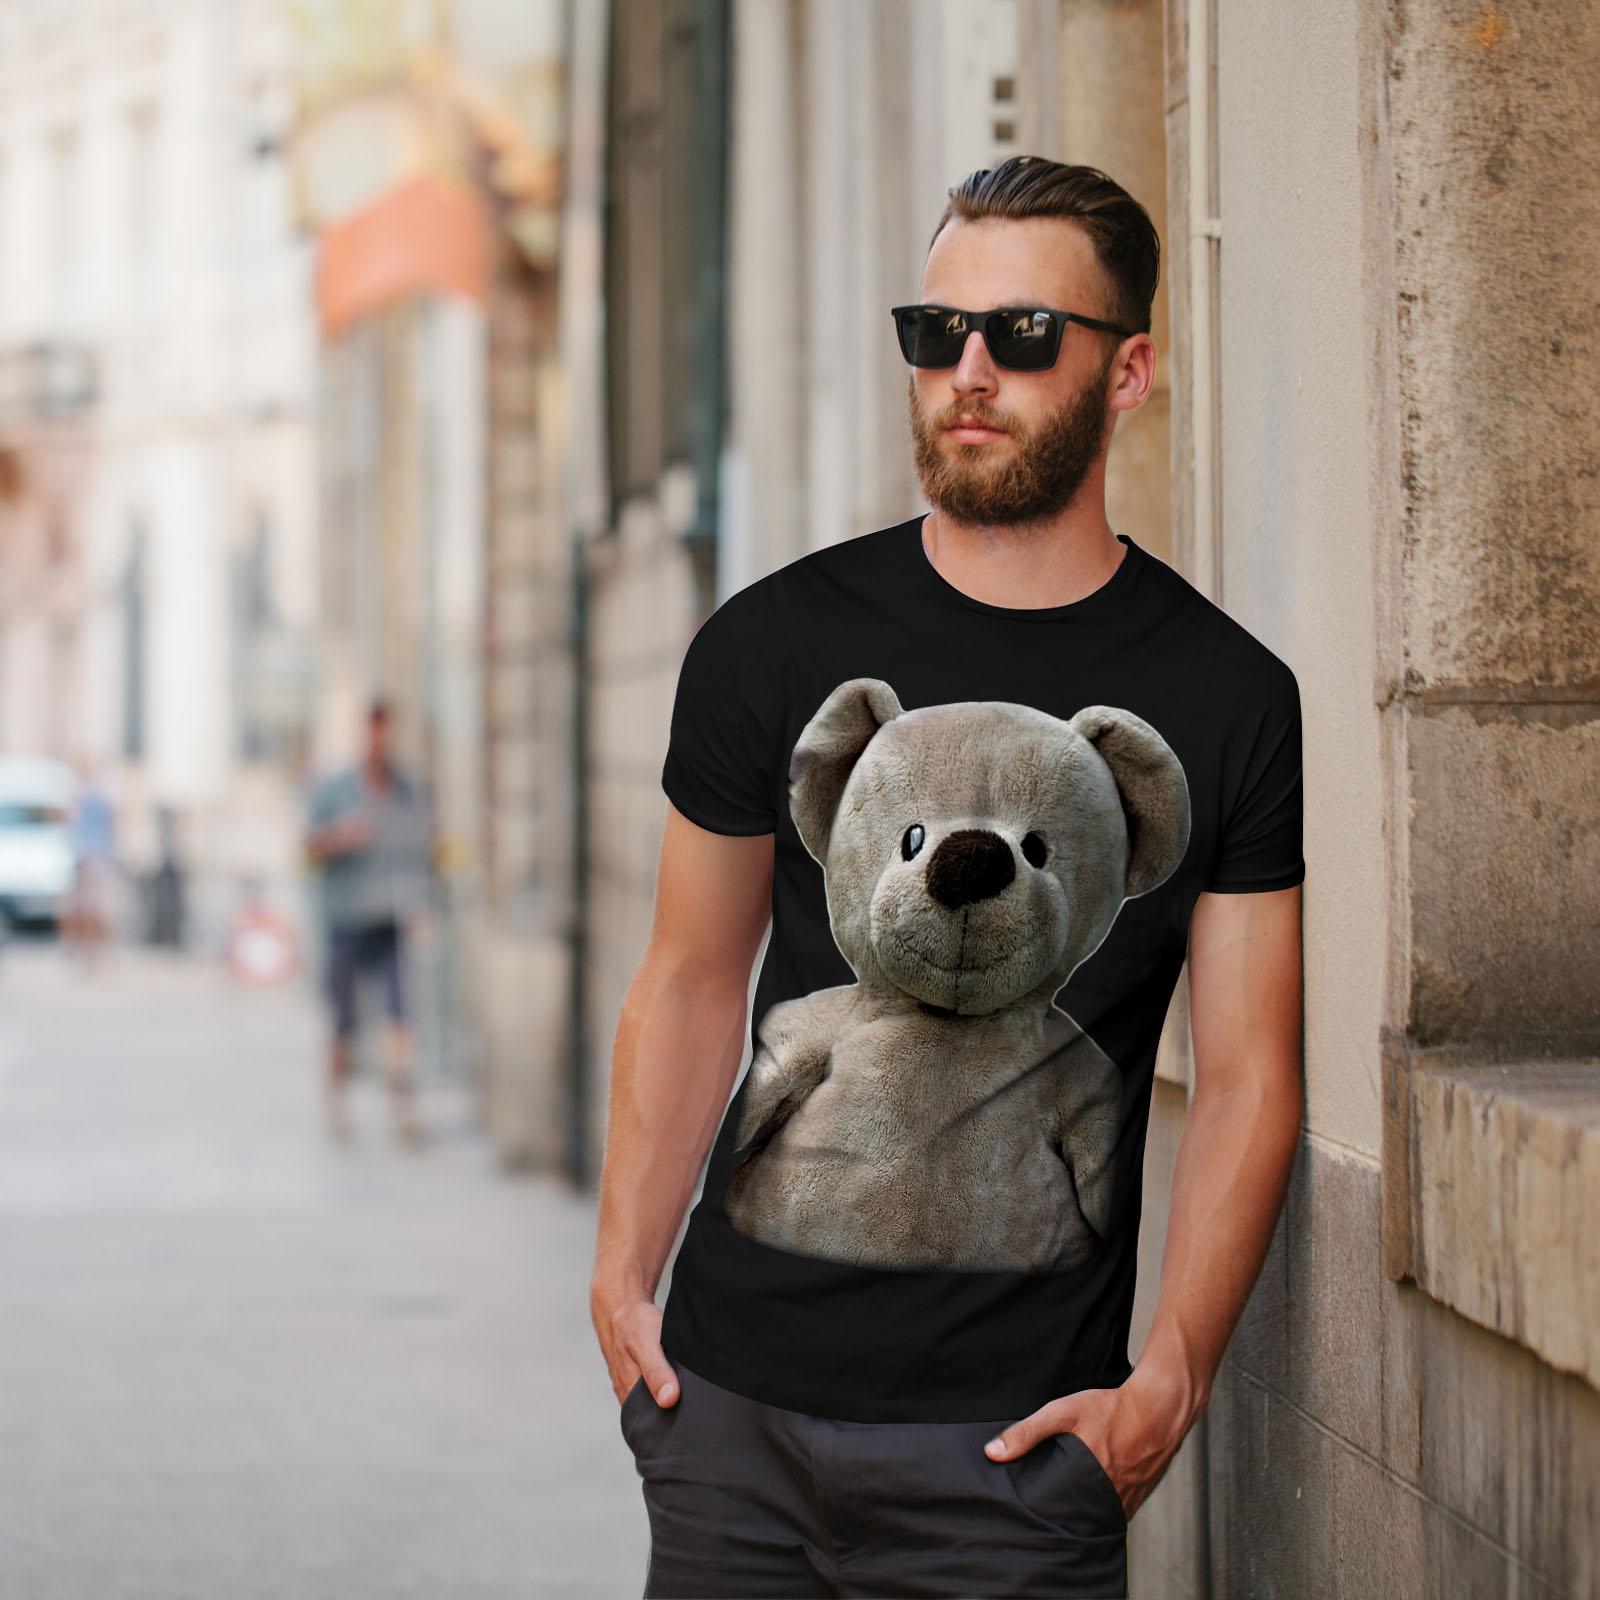 miniature 5 - Wellcoda Cute Plush Mens T-shirt, Teddy Bear Graphic Design Printed Tee